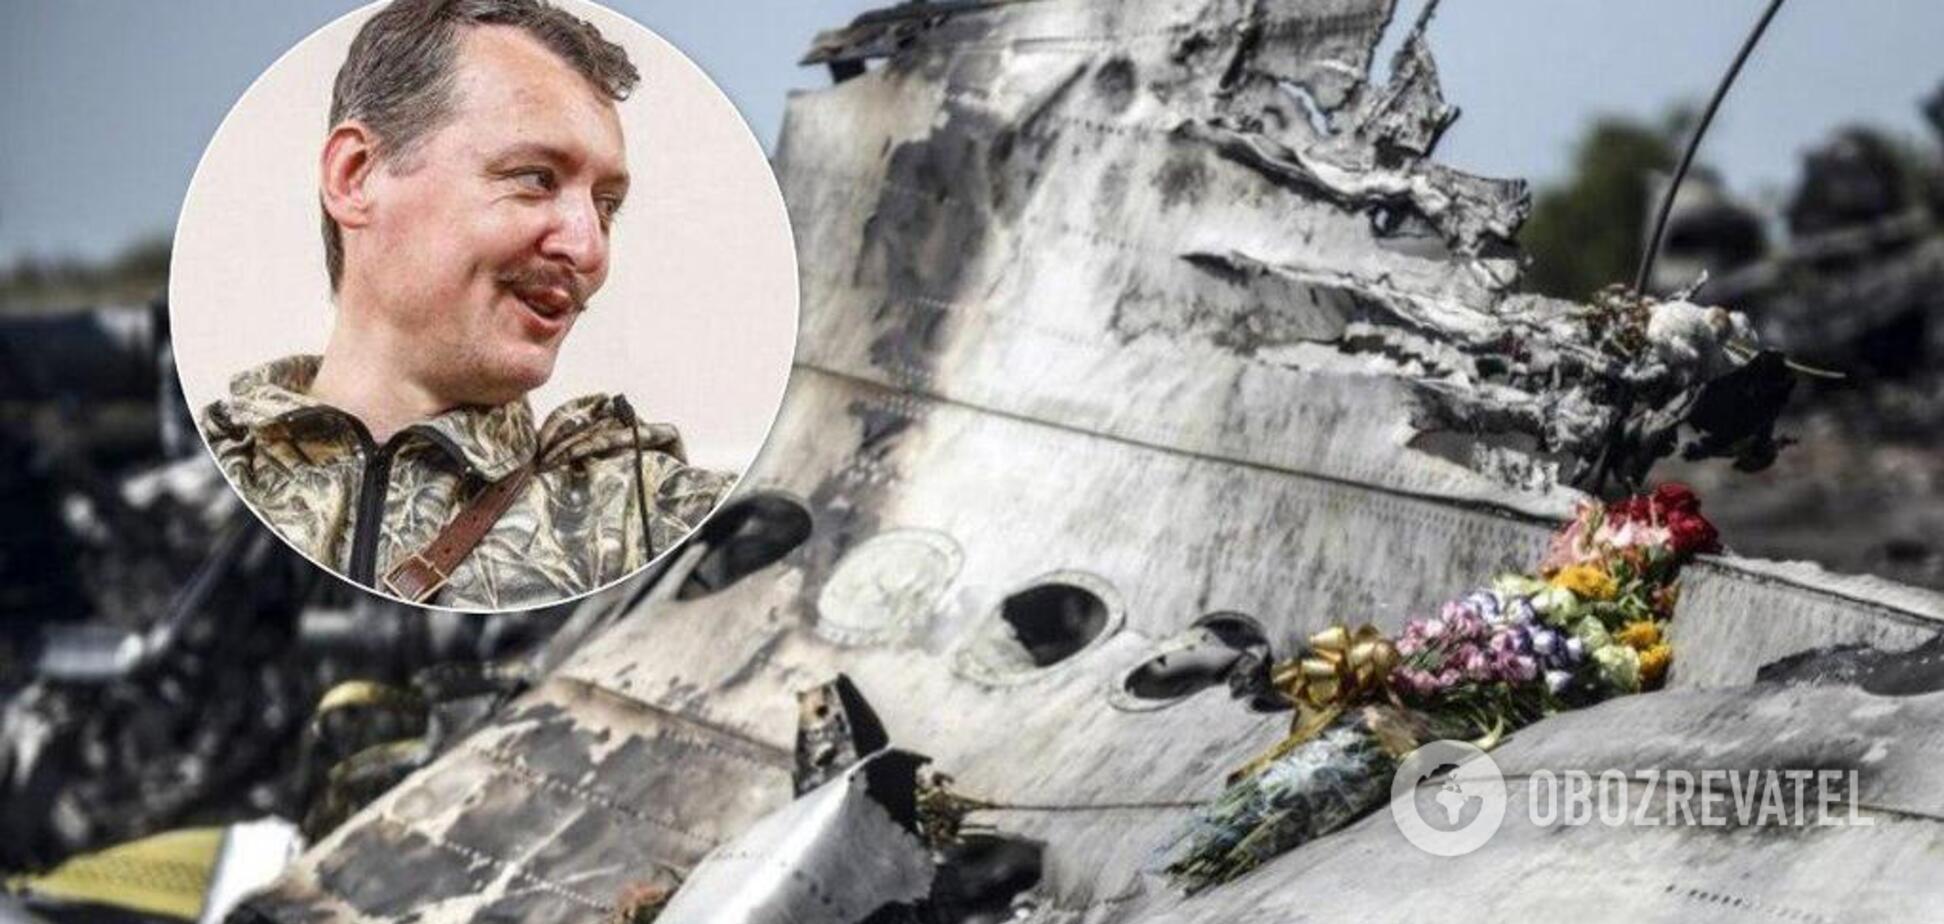 Катастрофа MH17 на Донбассе: названы имена подозреваемых террористов